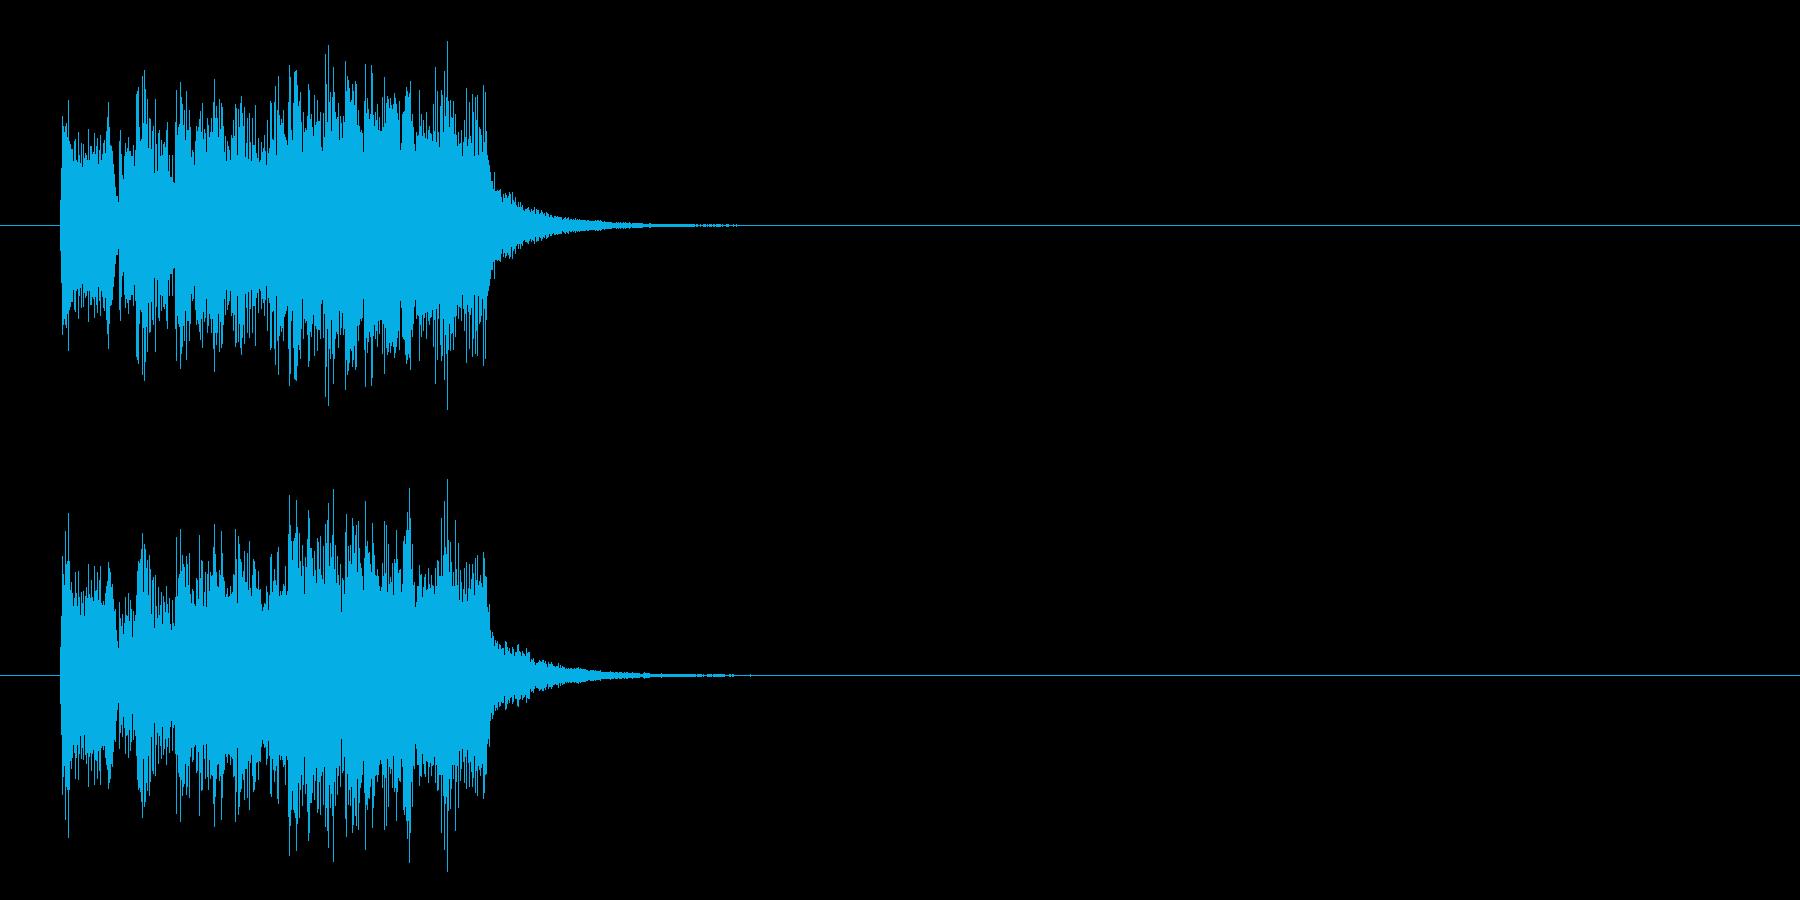 ジングル/ドキュメントの再生済みの波形